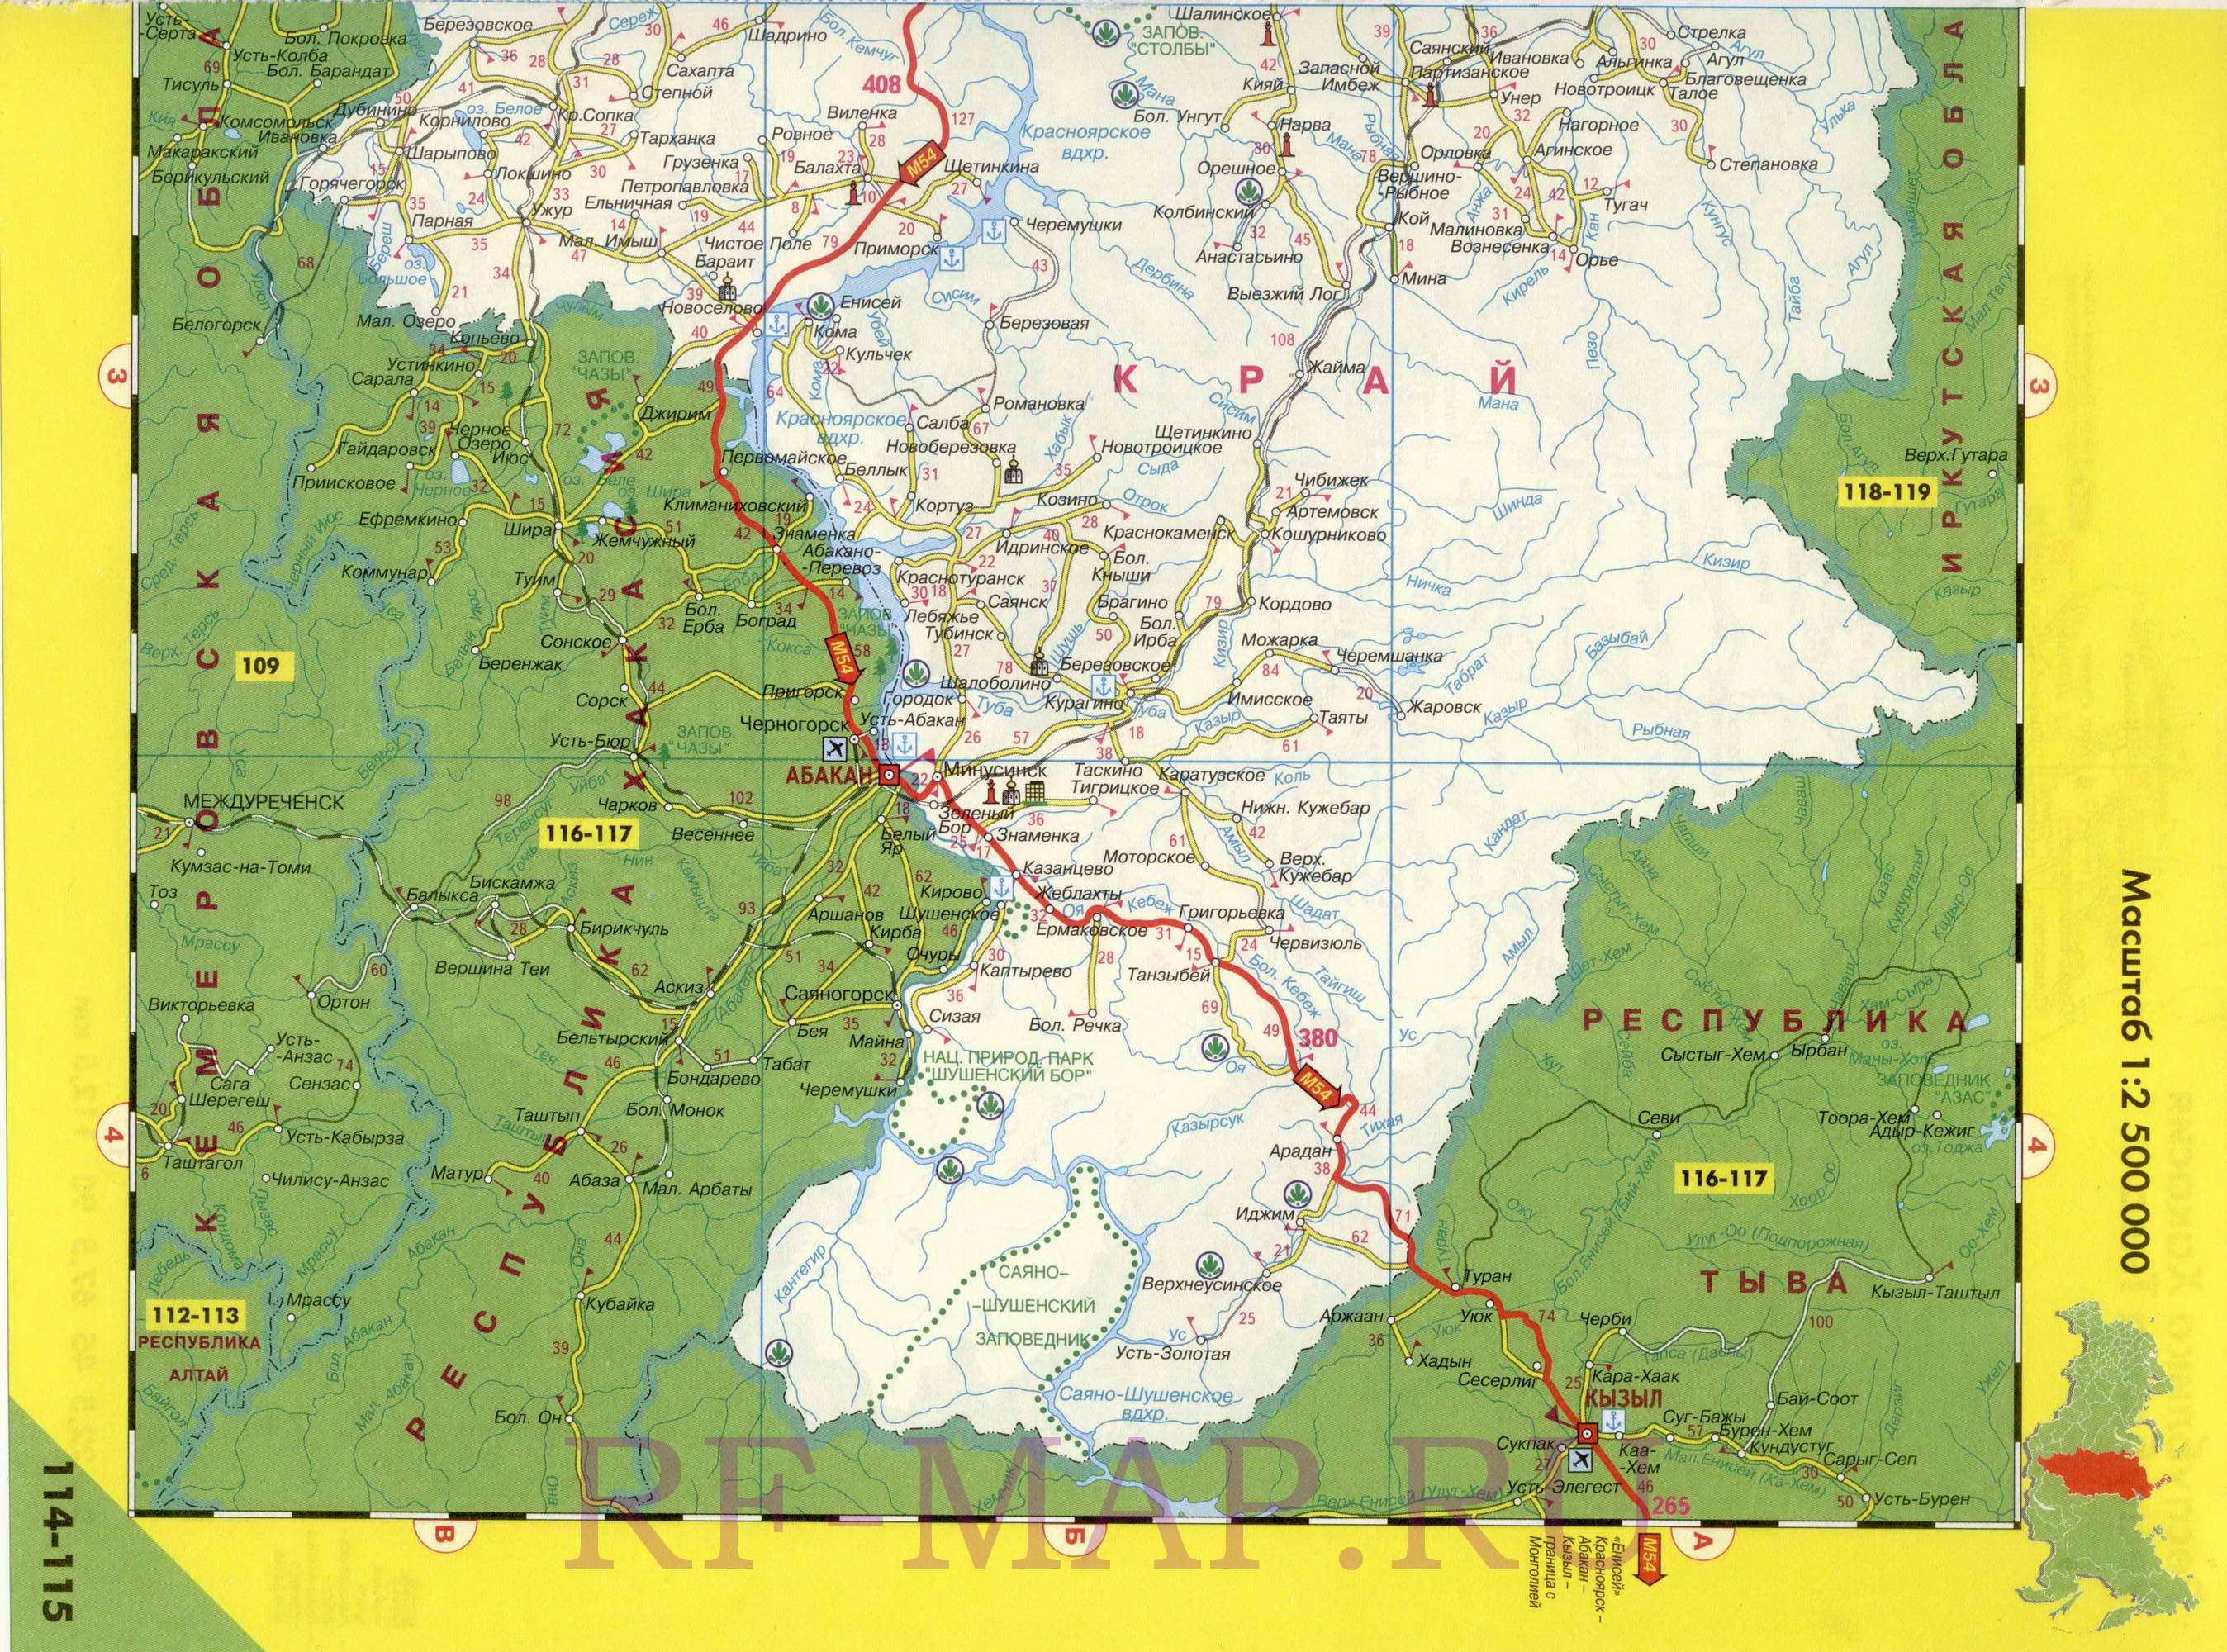 Подробная высококачественная карта дорог Красноярского края с расстоянием между городами.